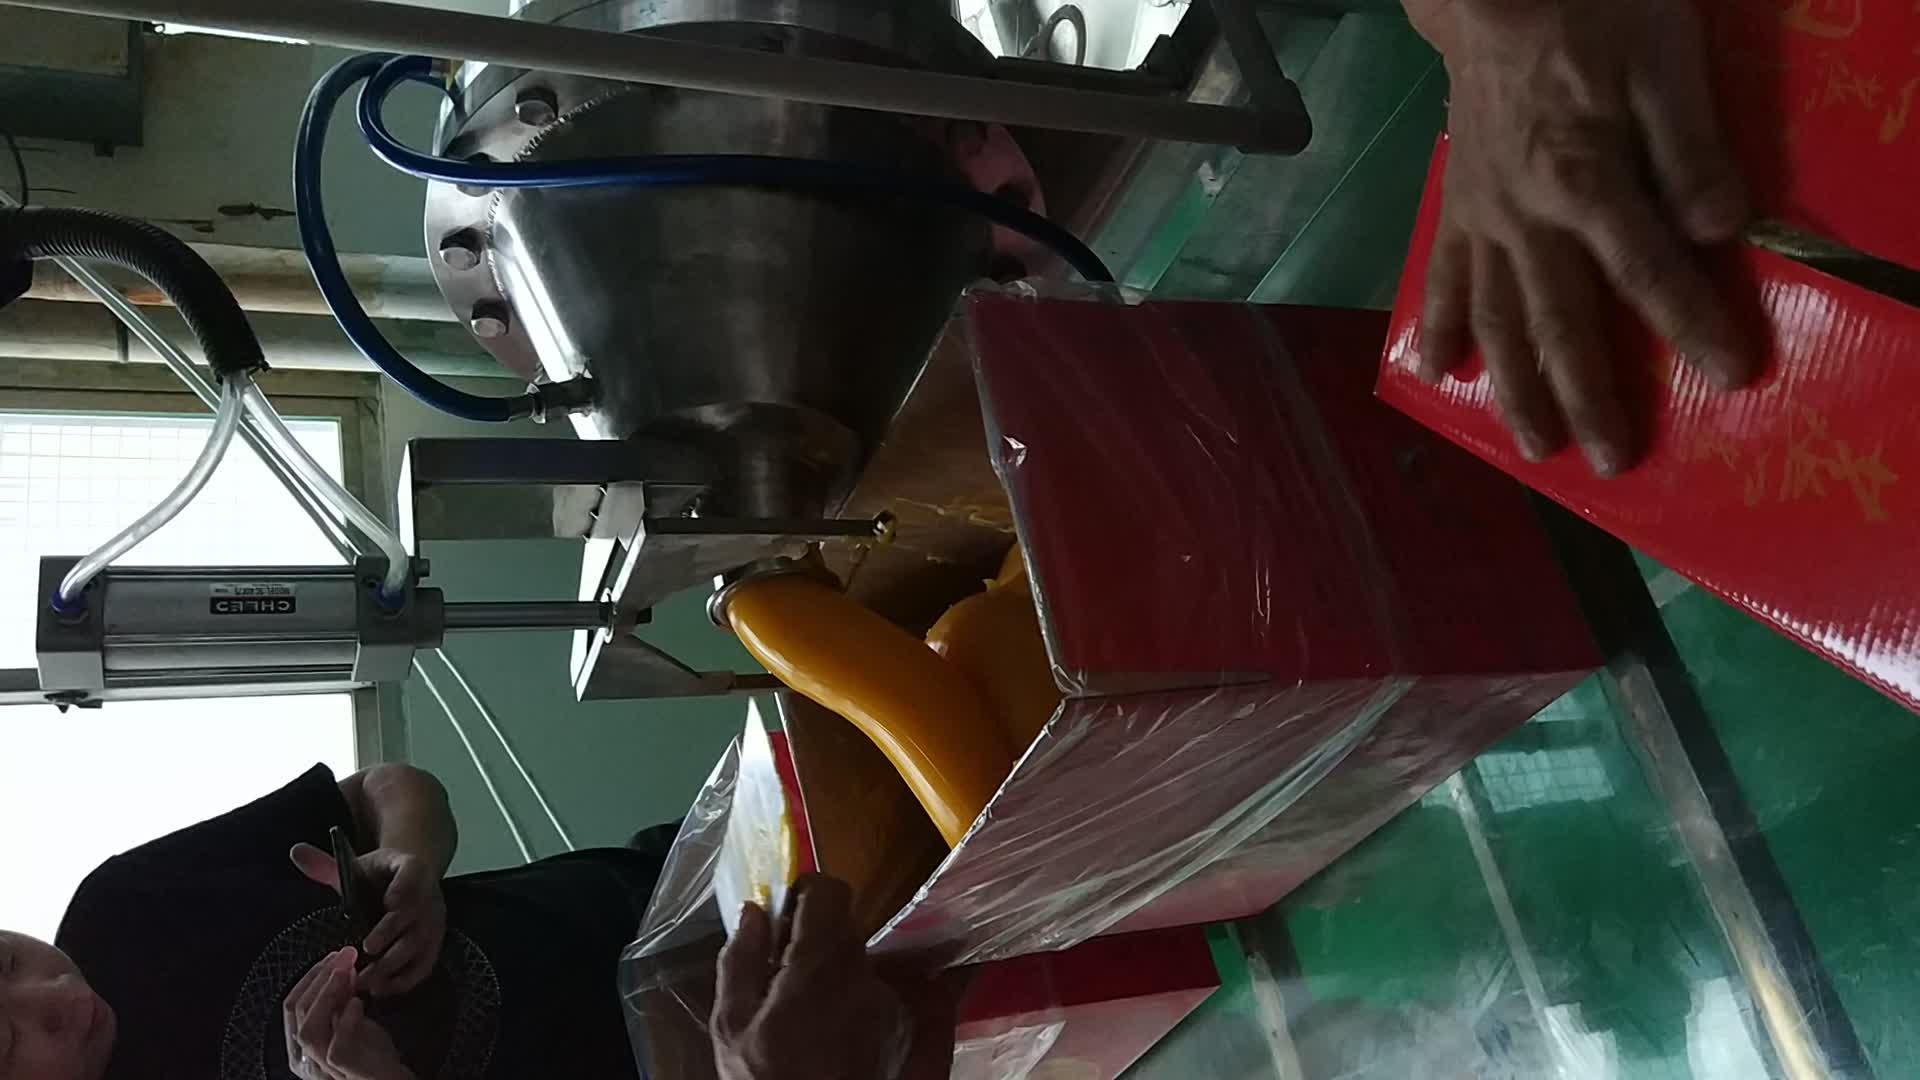 औद्योगिक नकली मक्खन प्रसंस्करण संयंत्र उत्पादन लाइन